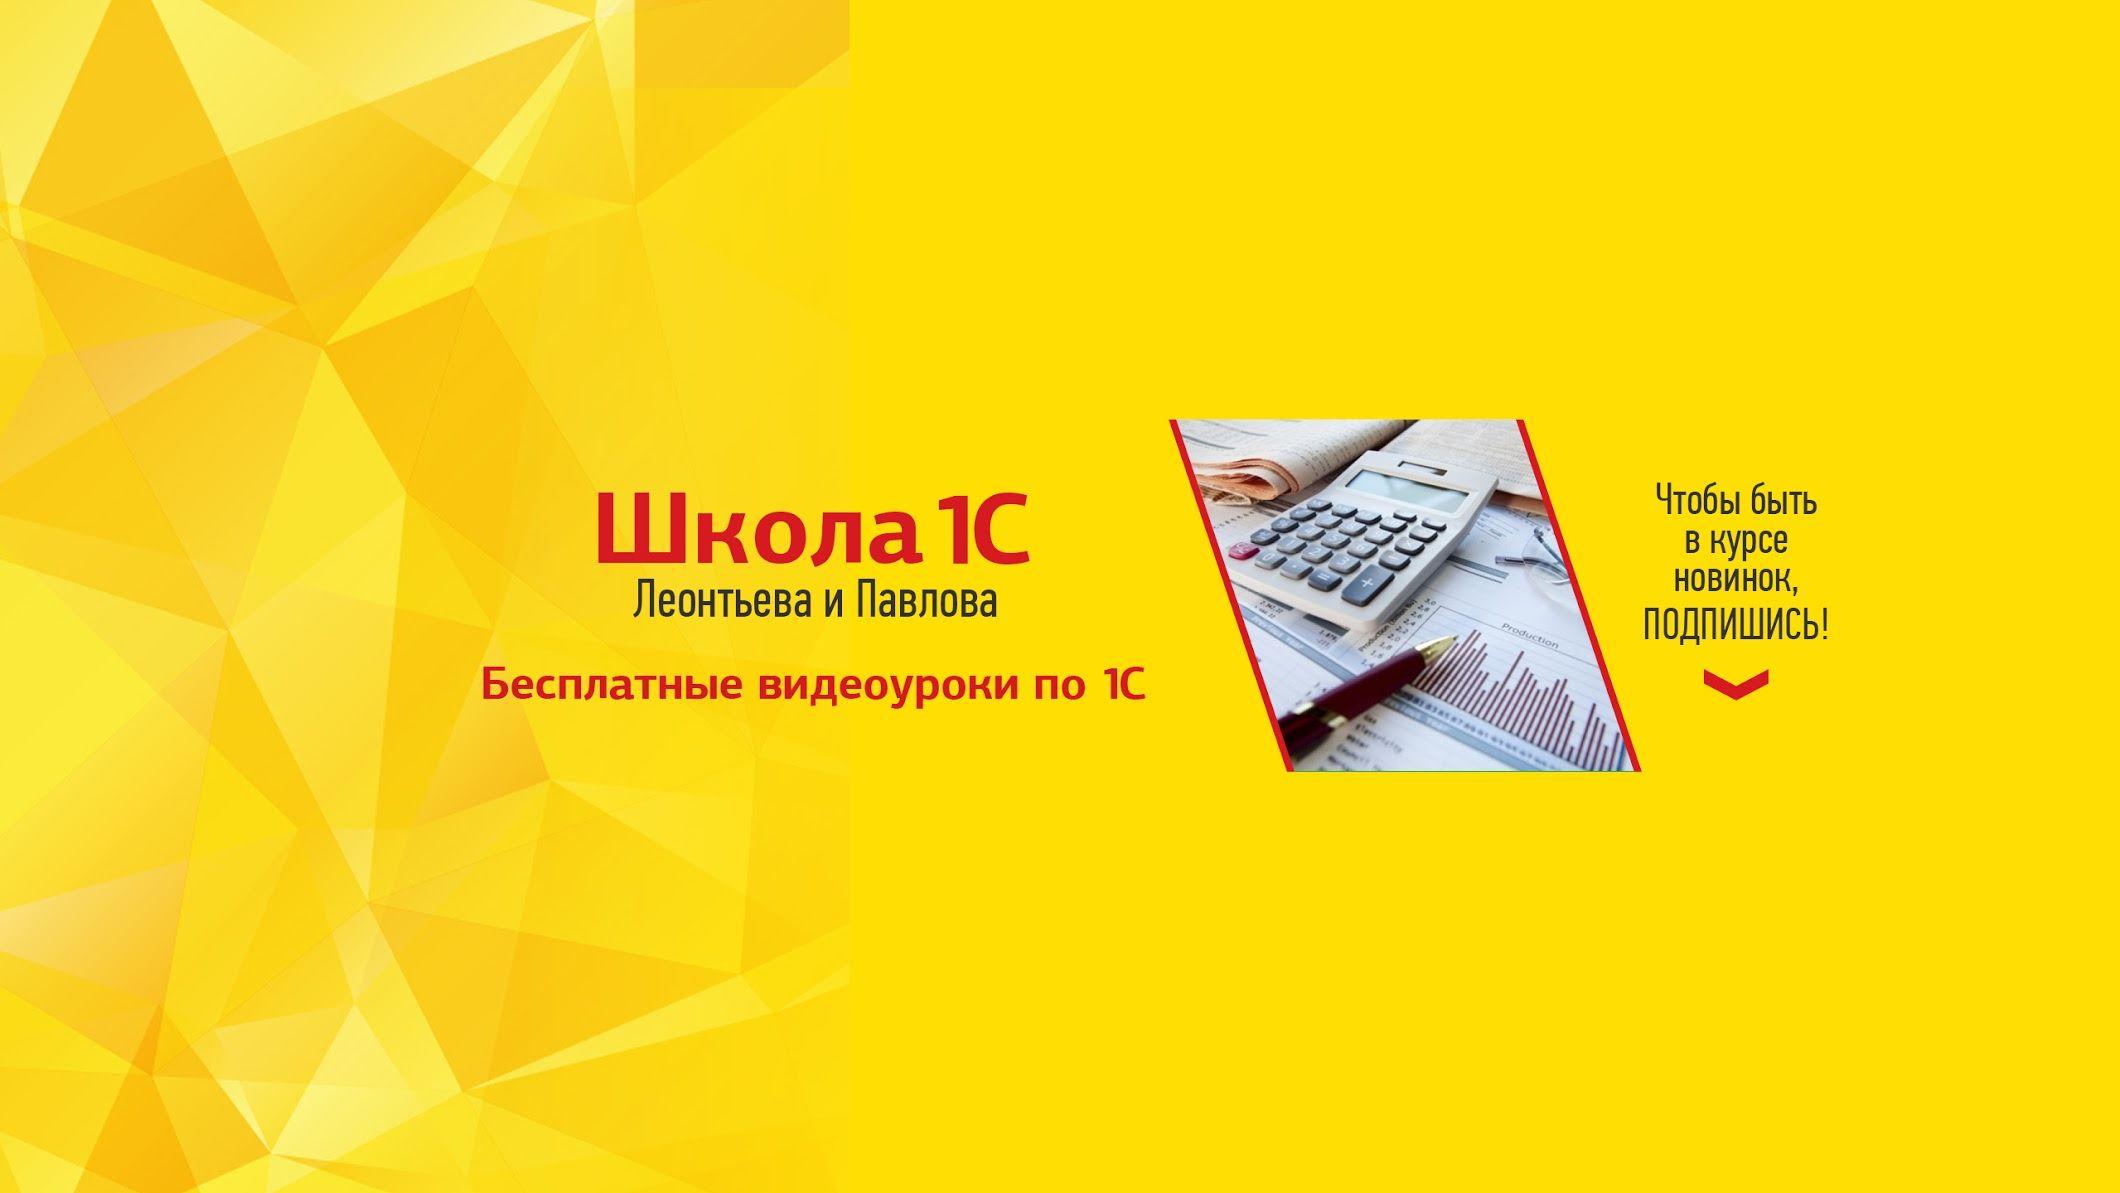 Онлайн 1с бухгалтерия обучение ип на енвд сменил адрес регистрации